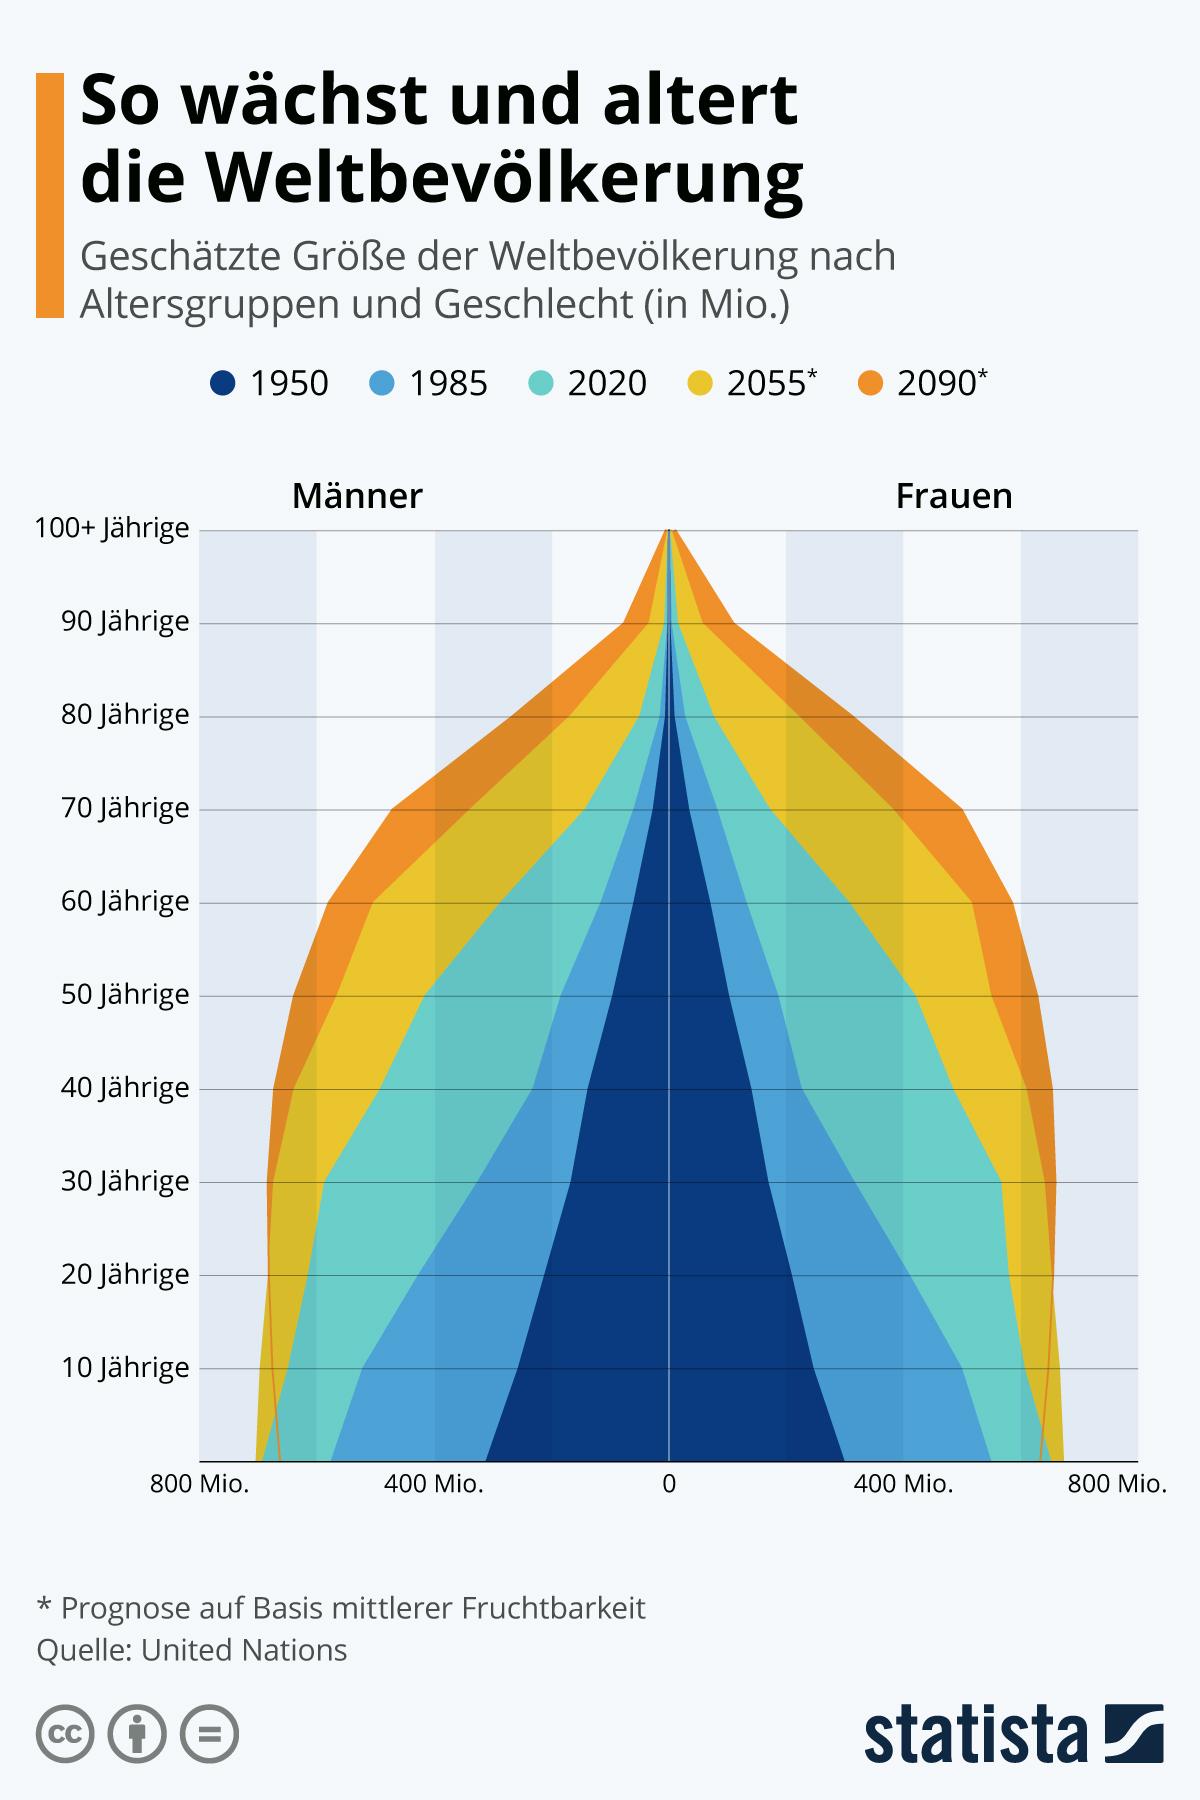 So wächst und altert die Weltbevölkerung | Statista